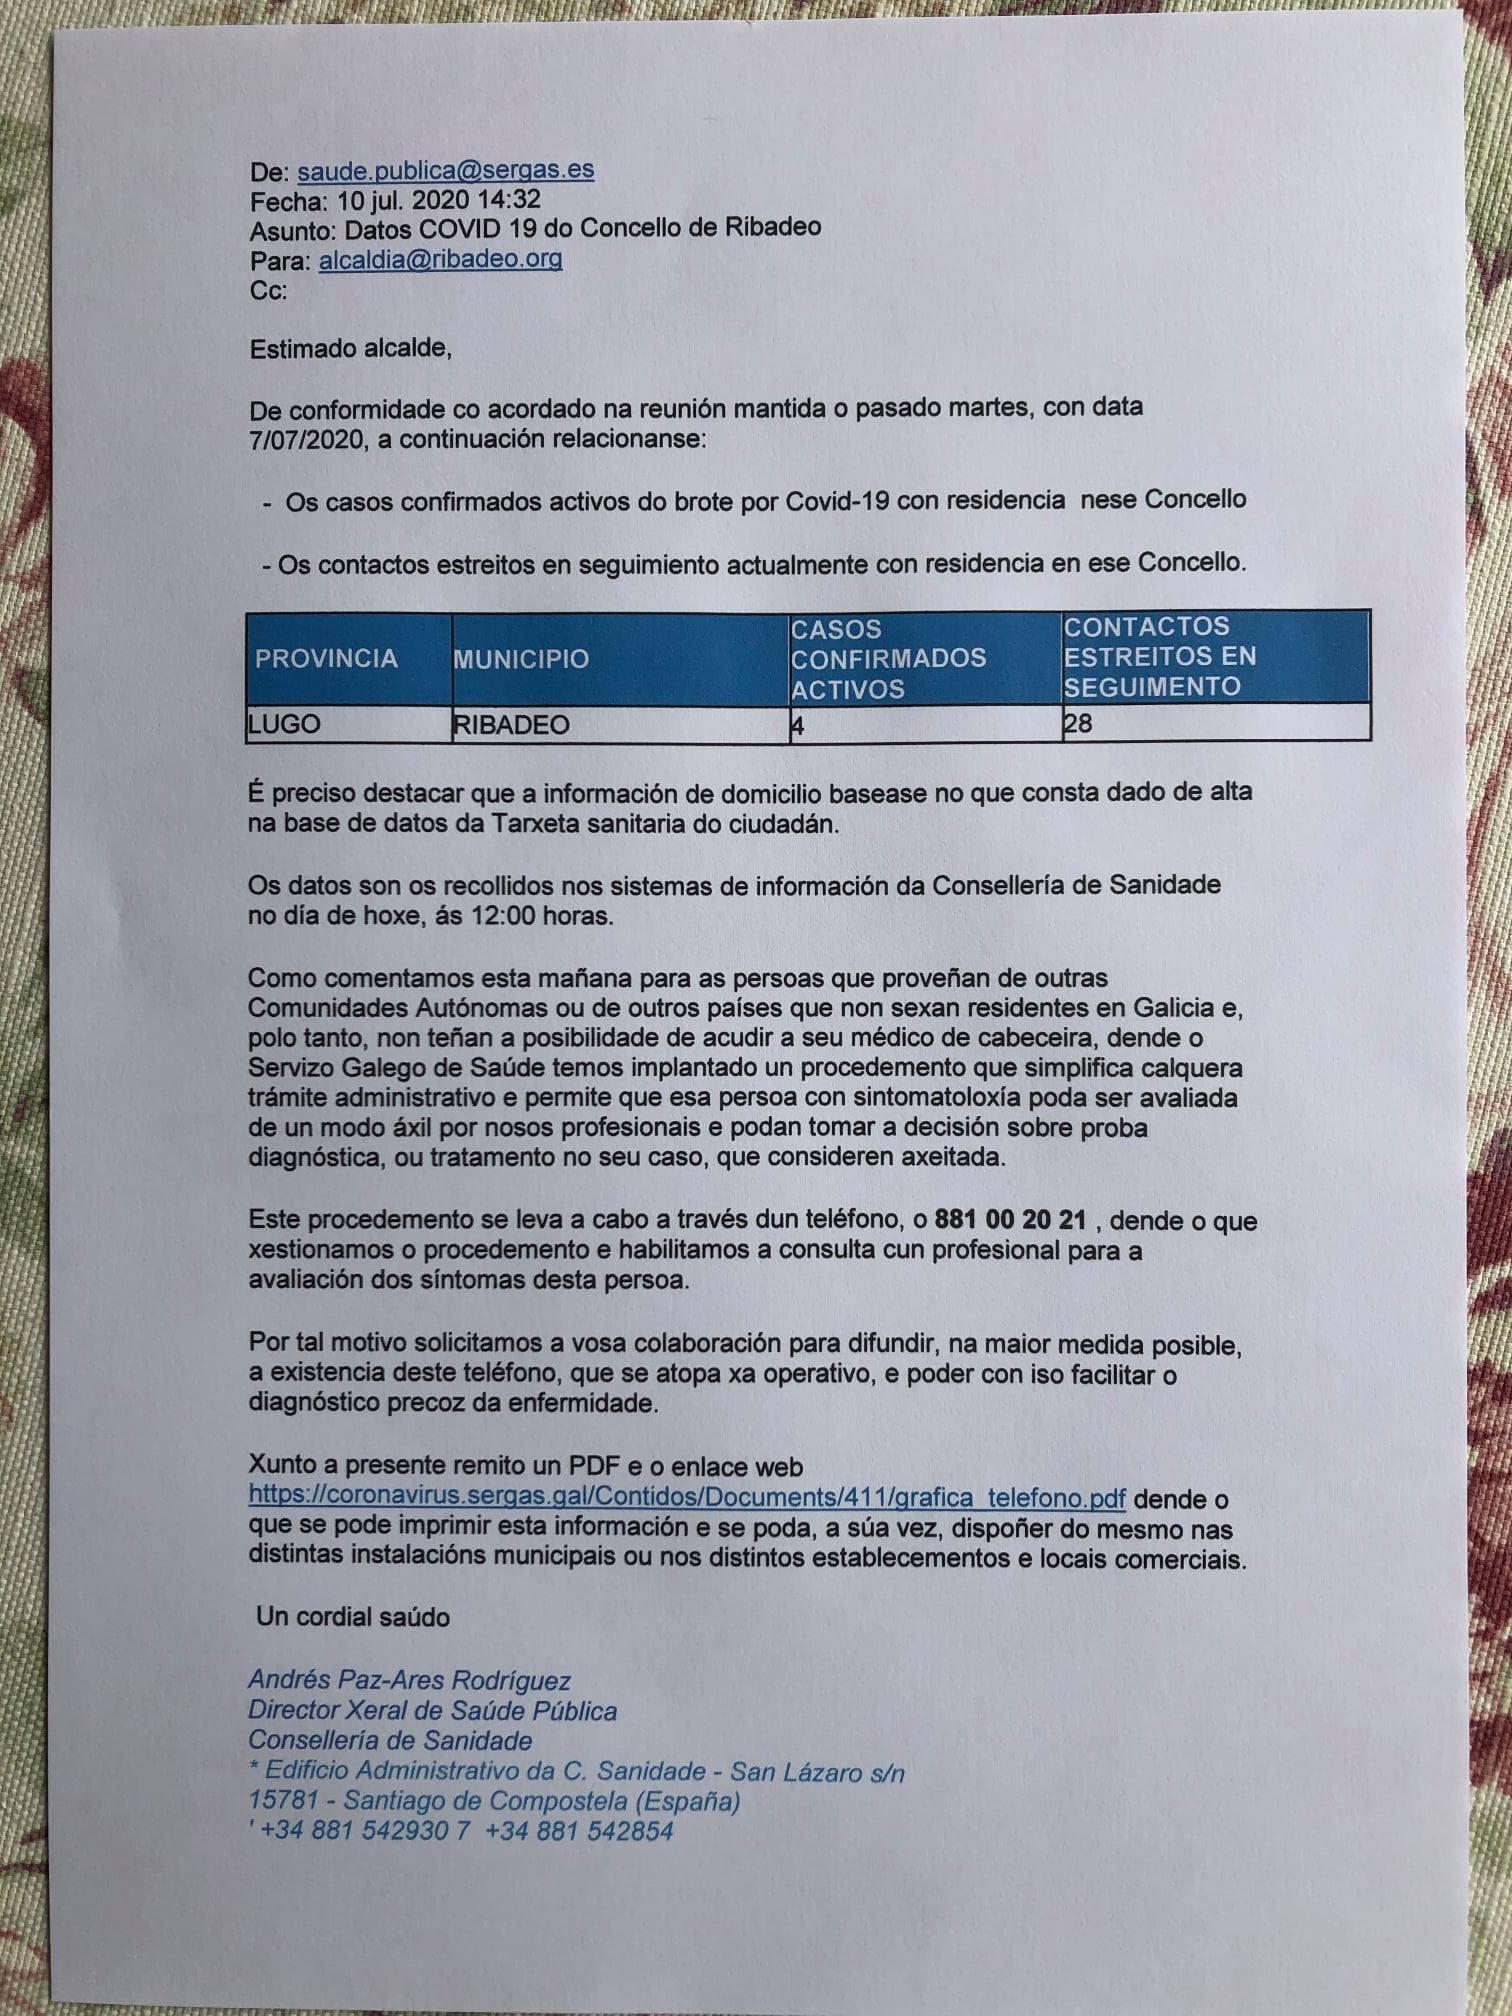 Alcaldes de A Mariña piden a la Xunta los informes técnicos por los cuáles se mantienen las restricciones a la movilidad otros 5 días